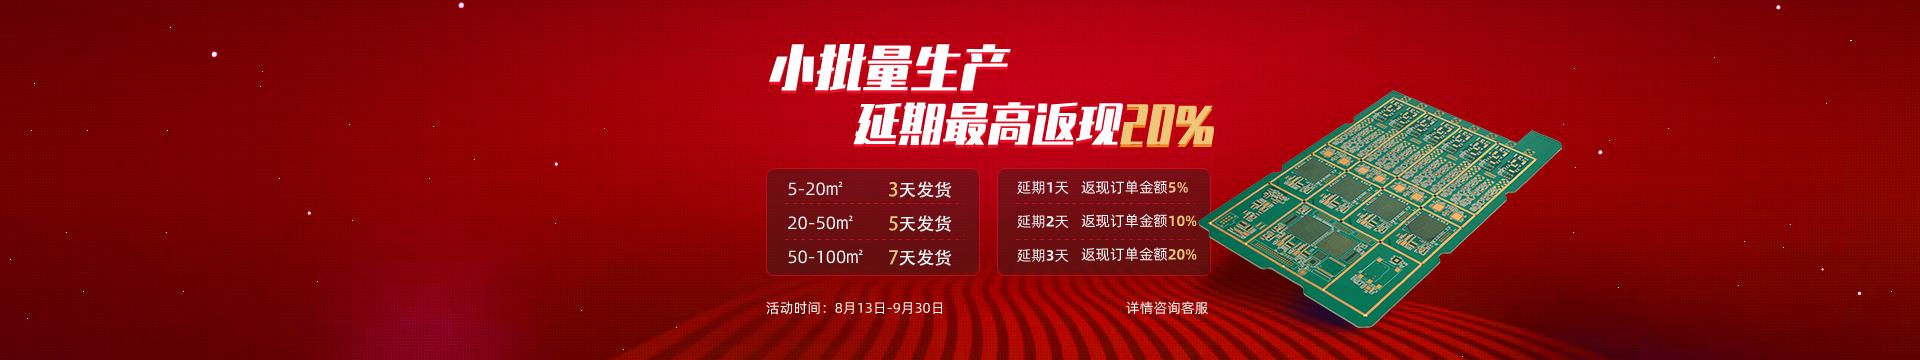 PCB双层小批量5-20平米 3天极速交货,延期返现